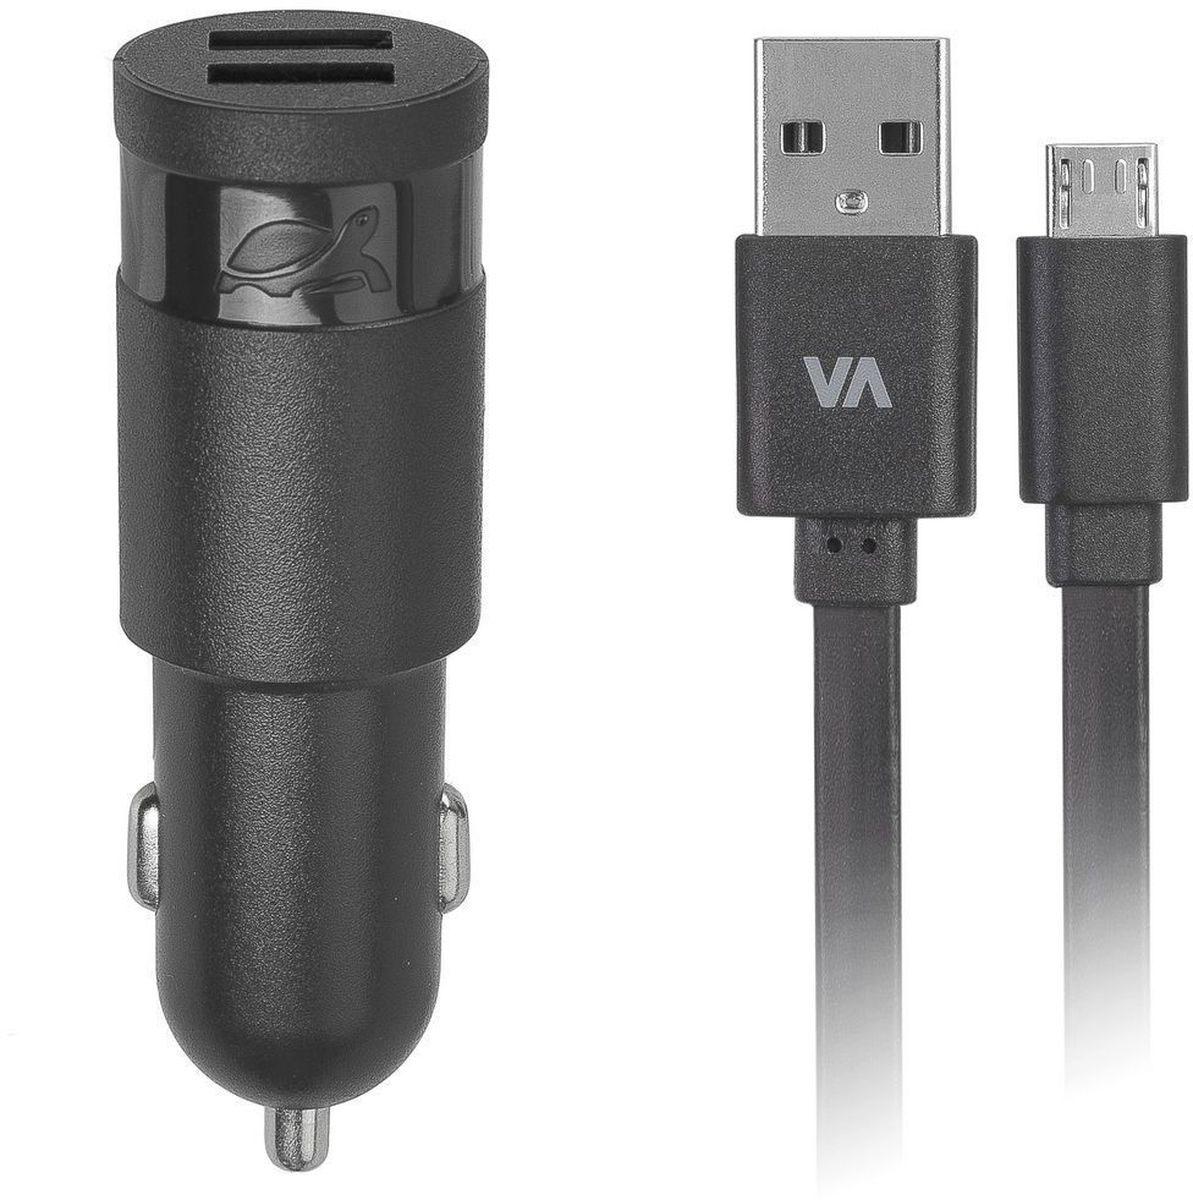 Rivapower VA4223 BD1, Black автомобильное зарядное устройствоVA4223 BD1Универсальное автомобильное зарядное устройство Rivapower VA4223 совместимо со всеми устройствами, использующими USB порт для зарядки своих аккумуляторов. Позволяет заряжать 2 устройства одновременно, занимая всего один автомобильный разъем электропитания. Высококачественные компоненты, встроенные фильтры, защита от скачков напряжения, защита от перегрузки, перегрева и короткого замыкания делают процесс зарядки быстрым, эффективным и безопасным. Корпус сделан из негорючего пластика устойчивого к механическим повреждениям. Ультра компактные размеры зарядного устройства позволяют использовать его даже в автомобилях с ограниченным пространством вокруг автомобильного разъема электропитания. В комплект входит дата-кабель microUSB длиной 1 метр.